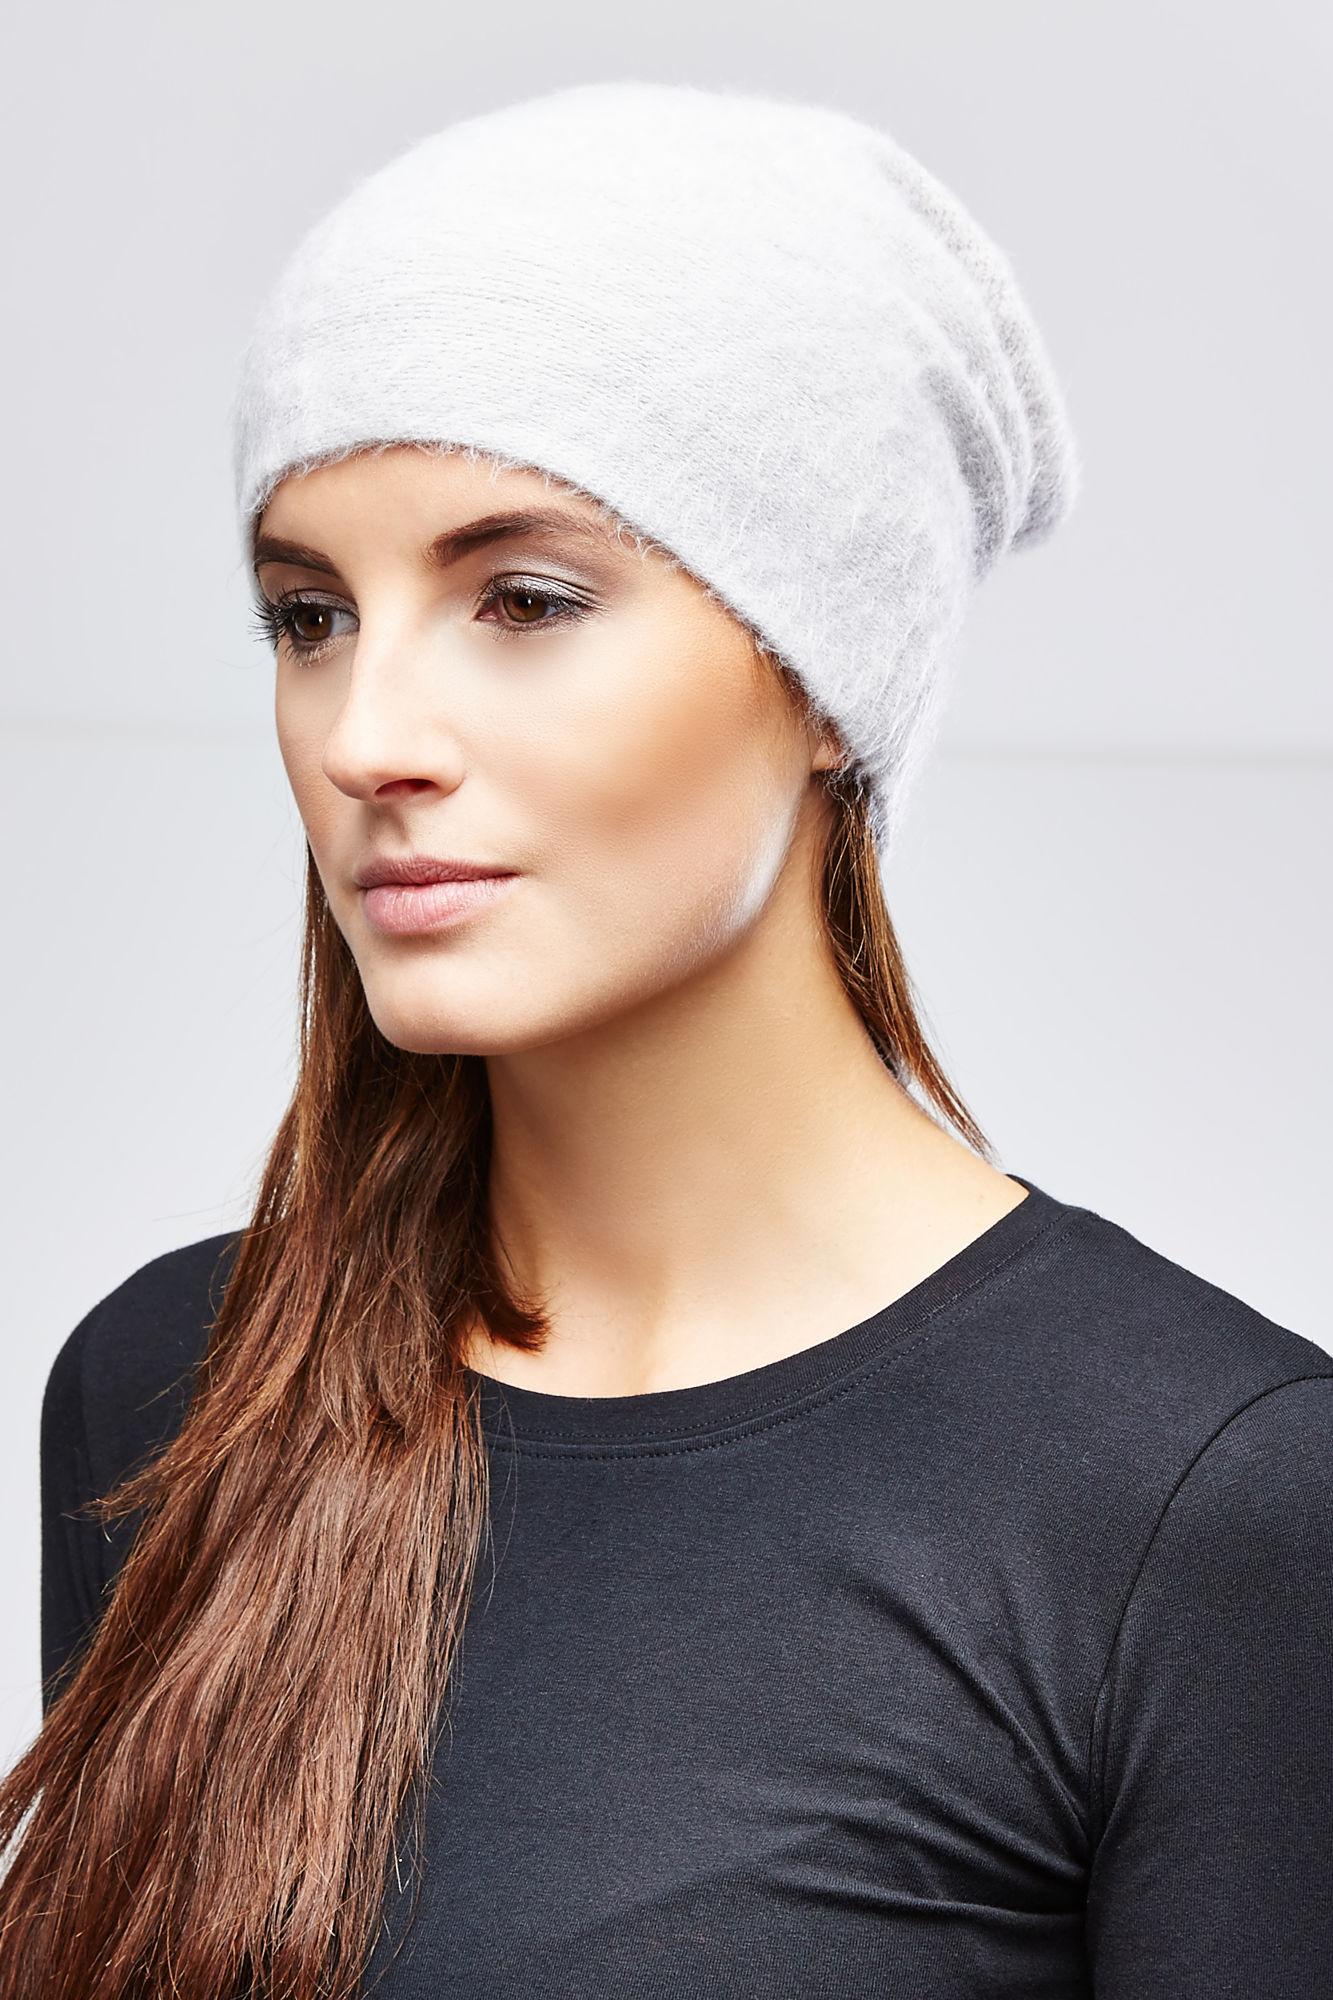 Шапка женская. Z-CZ-1801Z-CZ-1801_BLACKЖенская шапка Moodo станет идеальным вариантом для прохладной погоды. Выполненная из акрила, она необычайно мягкая и приятная на ощупь, максимально сохраняет тепло. Удлиненная модель шапки подходит для любого типа лица и никогда не выходит из моды. Такая шапка станет модным и стильным дополнением к вашему гардеробу, в ней вам будет уютно и тепло!